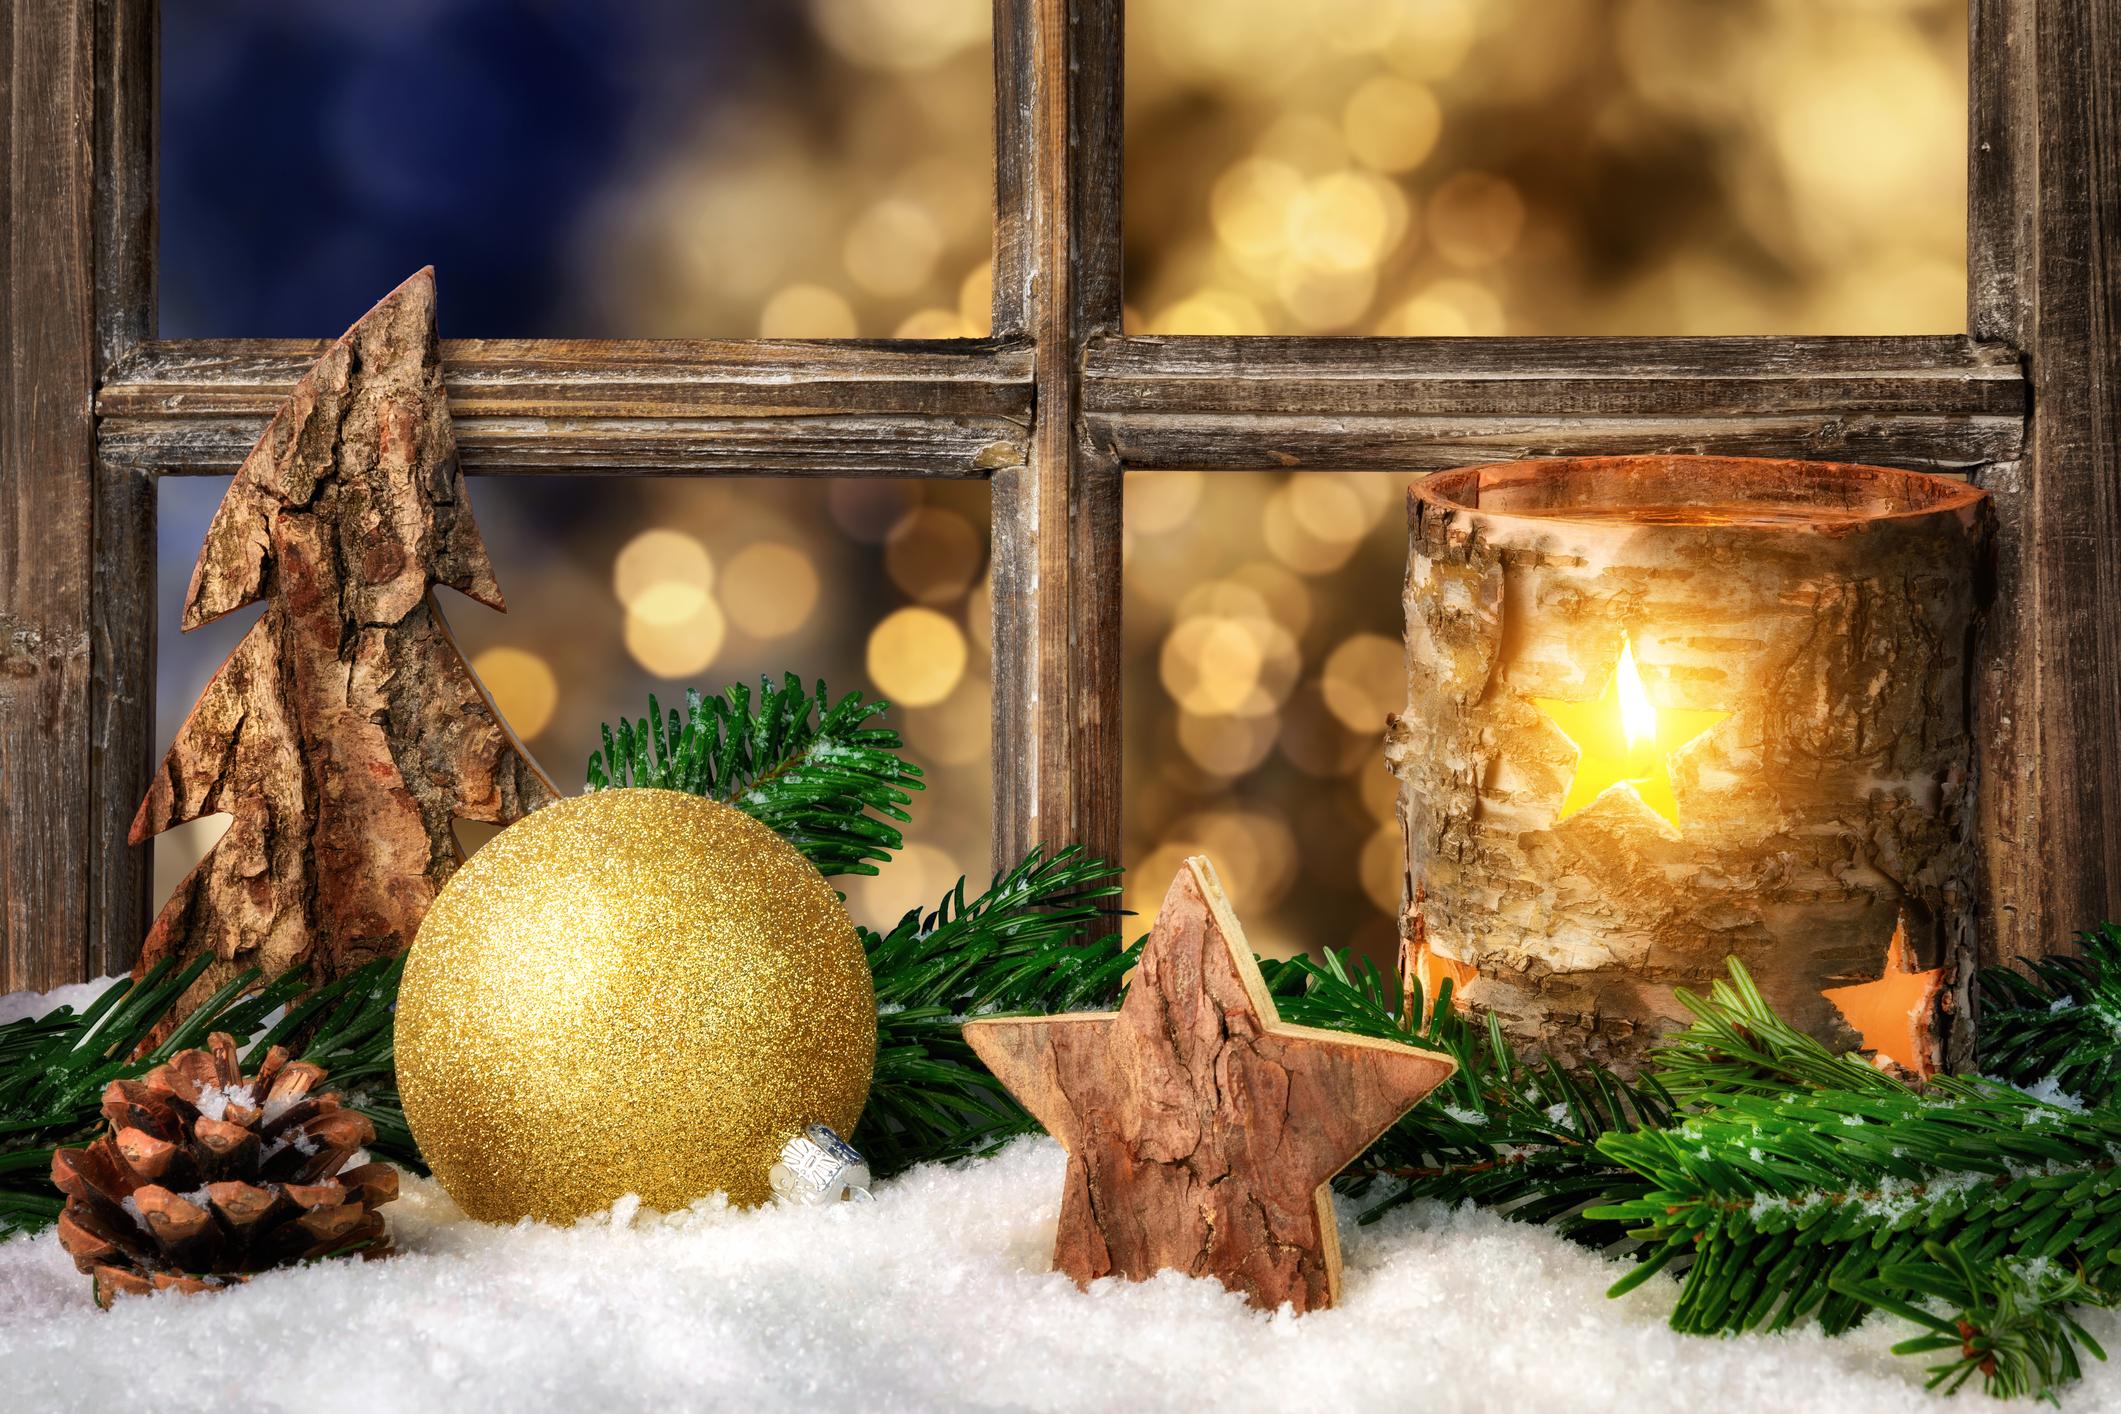 Ha a bejáratot nem szeretnéd túldíszíteni, akkor az ablakba is tehetsz karácsonyi dekorációt fából,